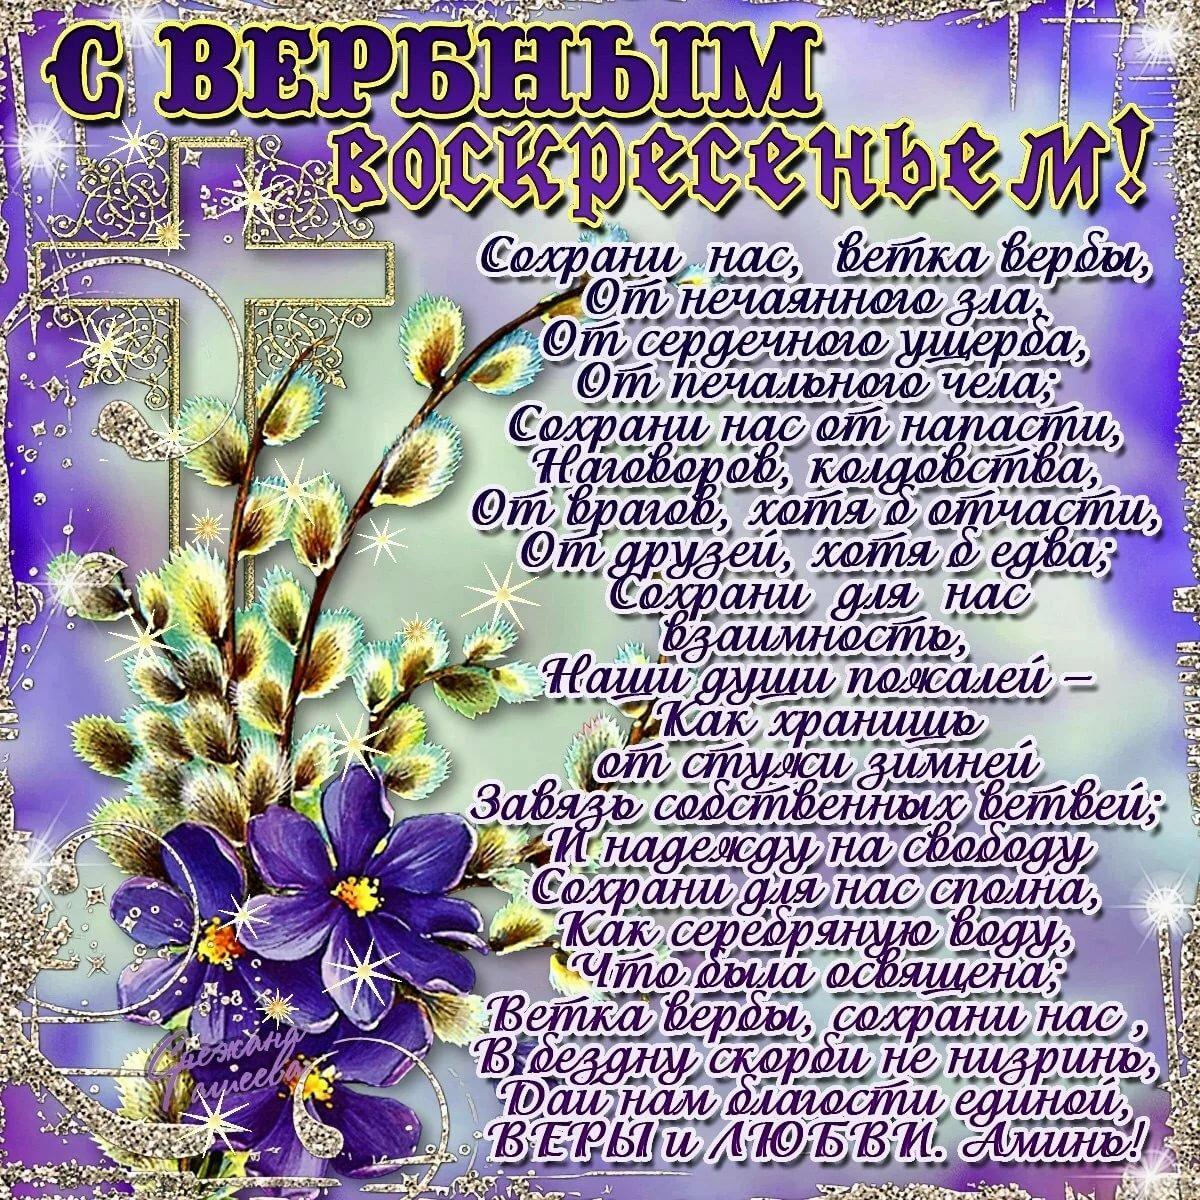 Поздравления на вербное воскресенье в открытках, для мамы